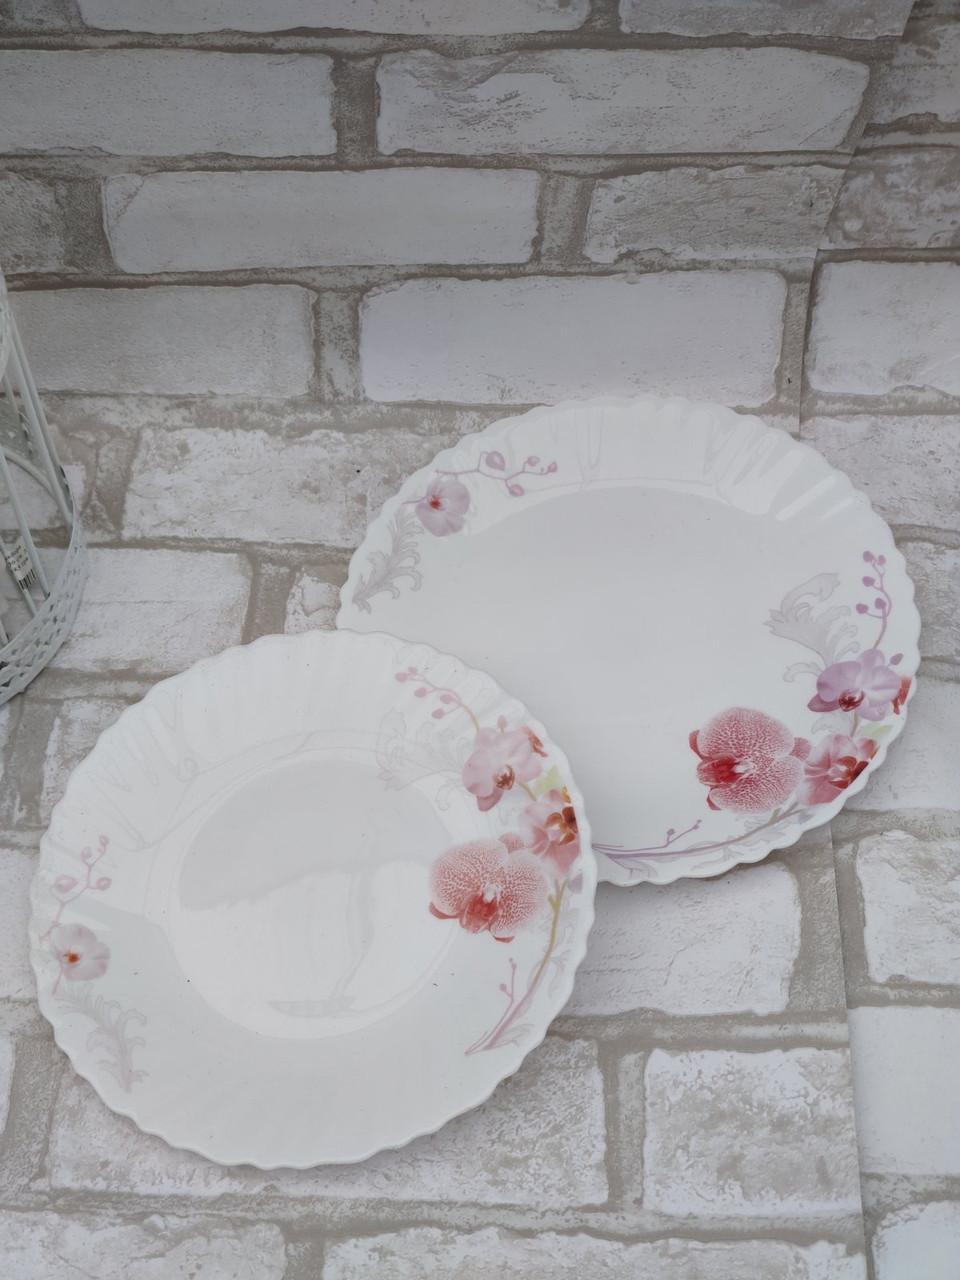 Тарілка закусочна із склокераміки декорована орхідеєю, діаметр 21,6 см(продаж лише упаковками, 6шт/уп)